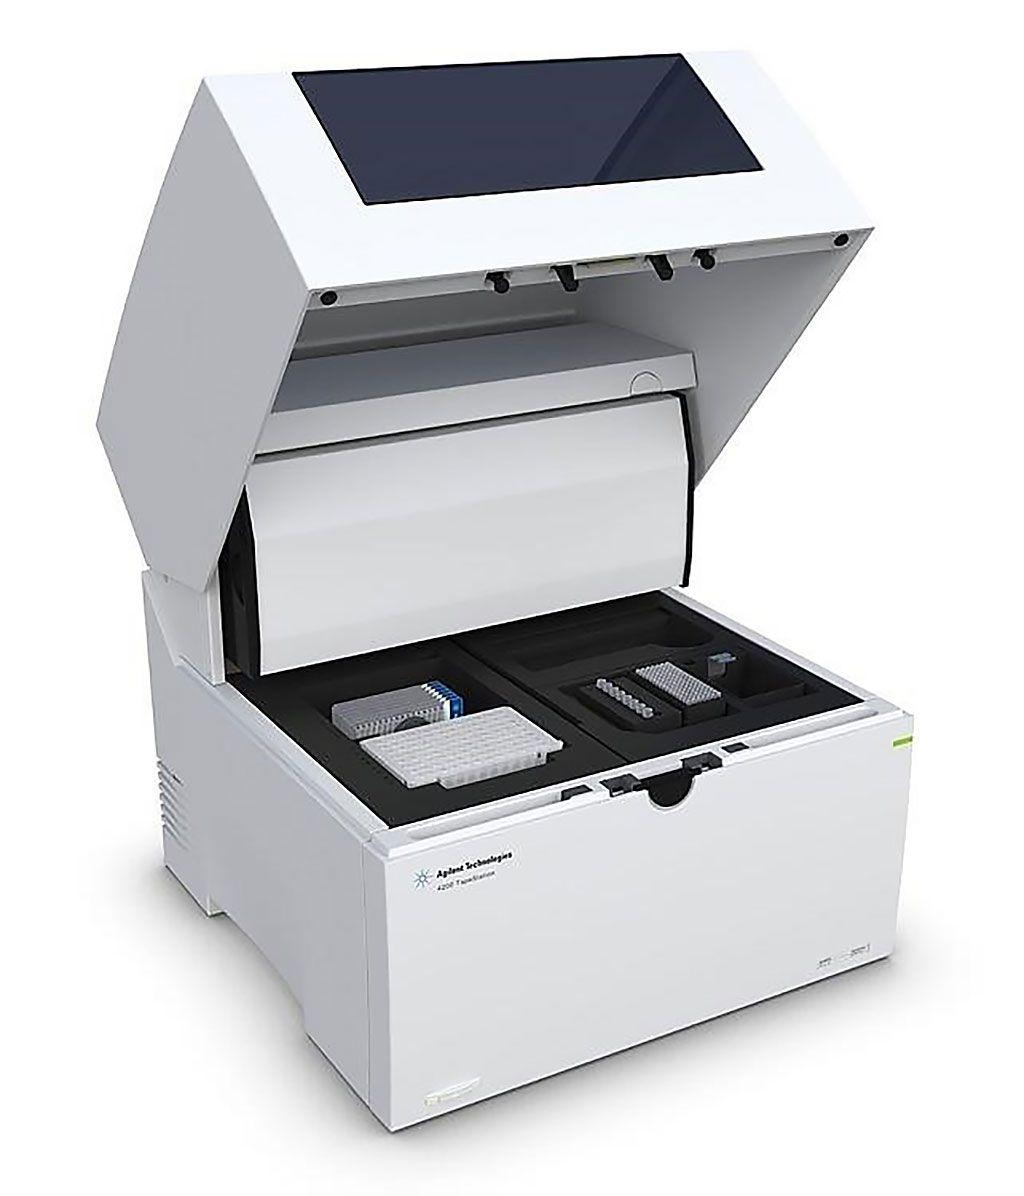 Imagen: El sistema Agilent 4200 TapeStation es una herramienta de electroforesis automatizada establecida para el control de calidad de las muestras de ADN y ARN (Fotografía cortesía de Agilent Technologies).